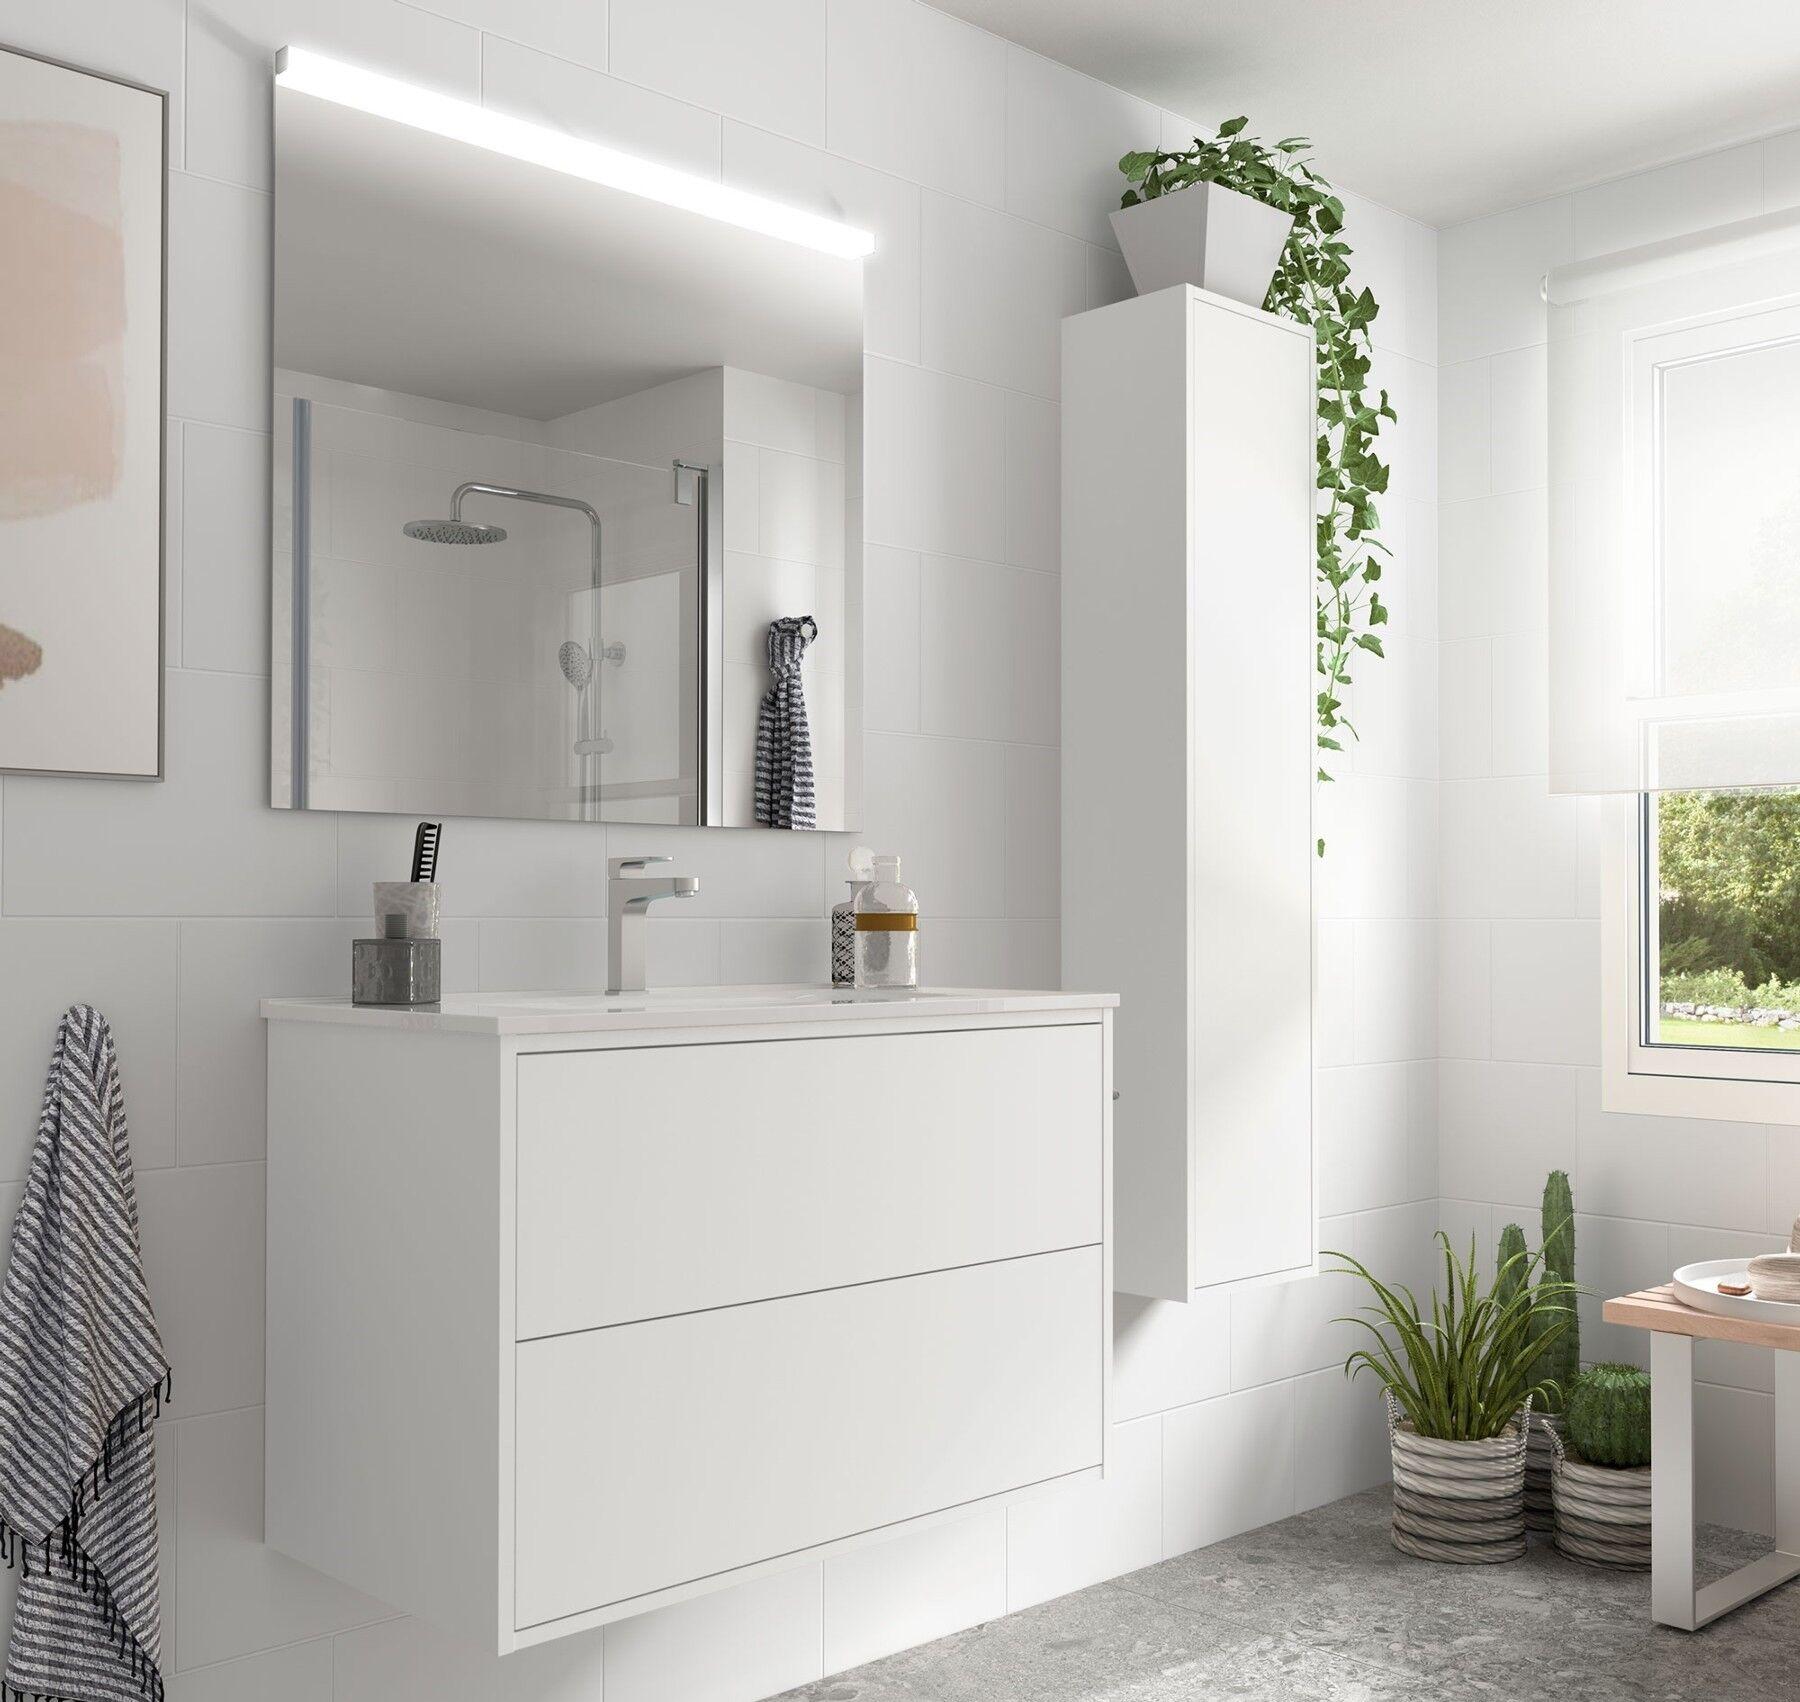 caesaroo mobile bagno sospeso 80 cm ulisse in legno bianco opaco con lavabo in porcellana   80 cm - con colonna